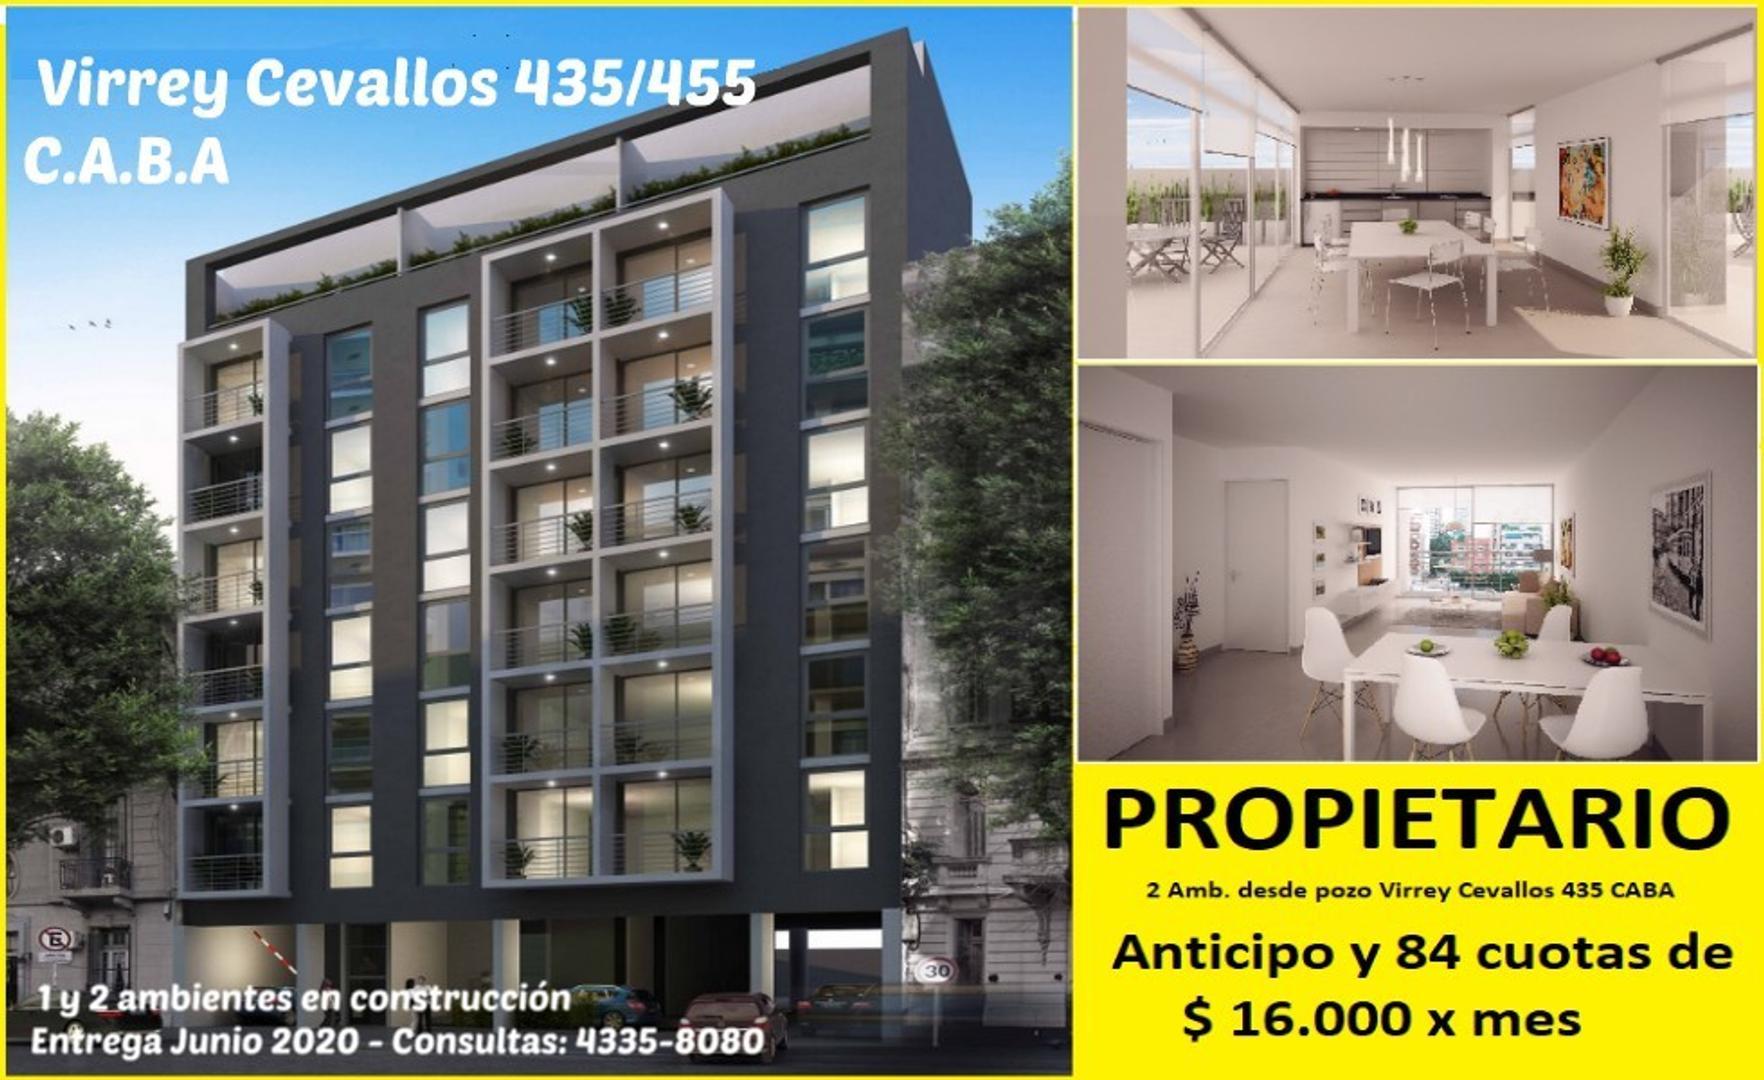 1 y 2 amb. categoría (en construcción) ap/prof op. cochera a pagar con Anticipo y 84 cuotas en pesos